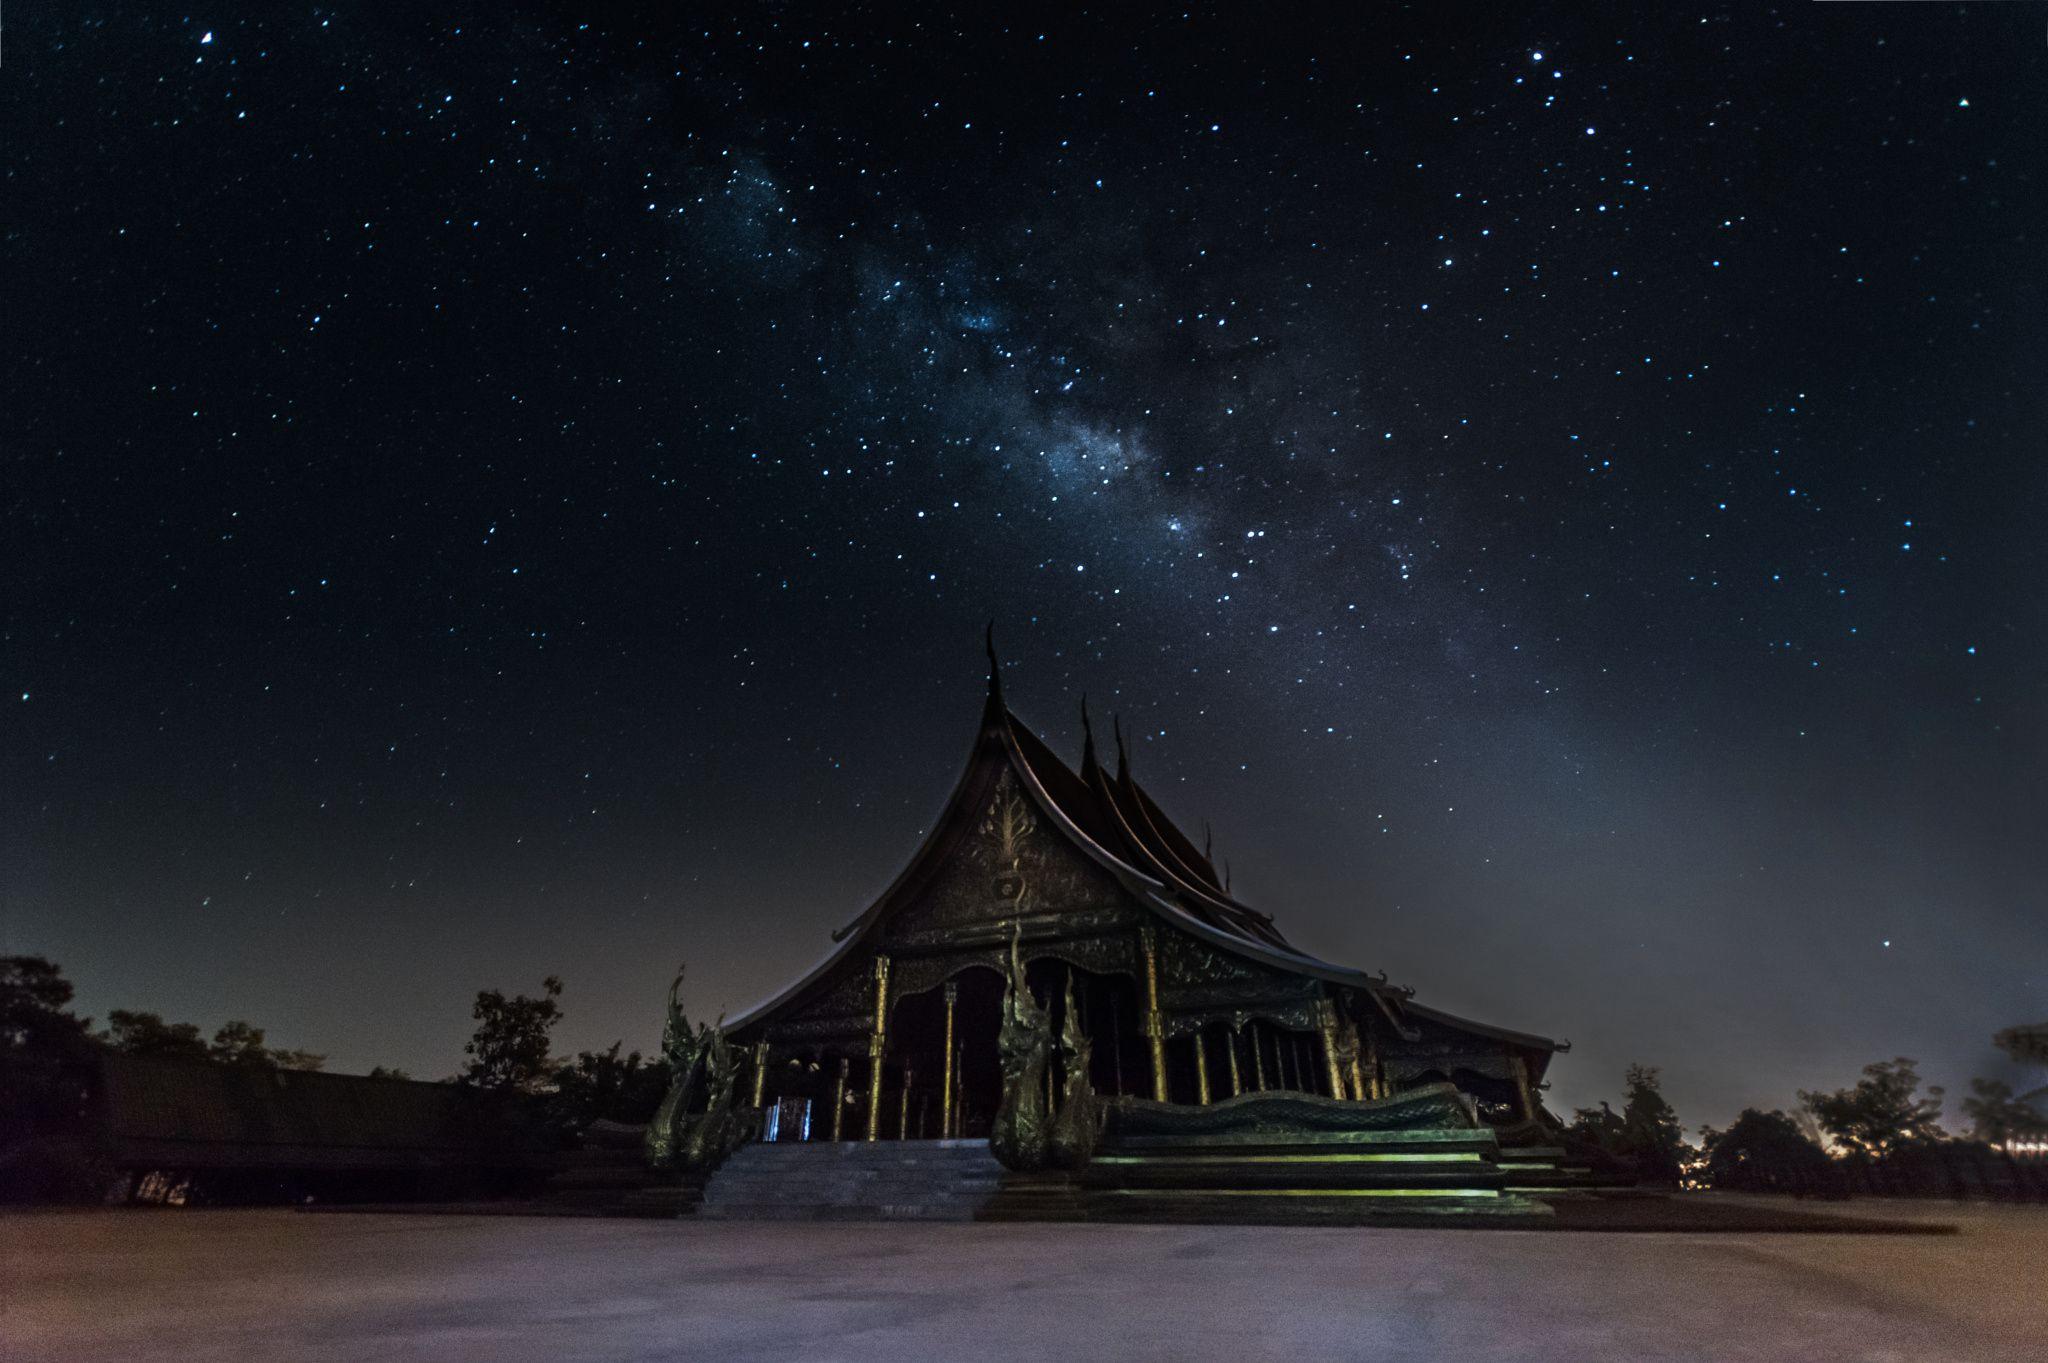 วัดสิรินธรวรารามภูพร้าว - Milky Way across the temple at Ubon Ratchathani, Thailand